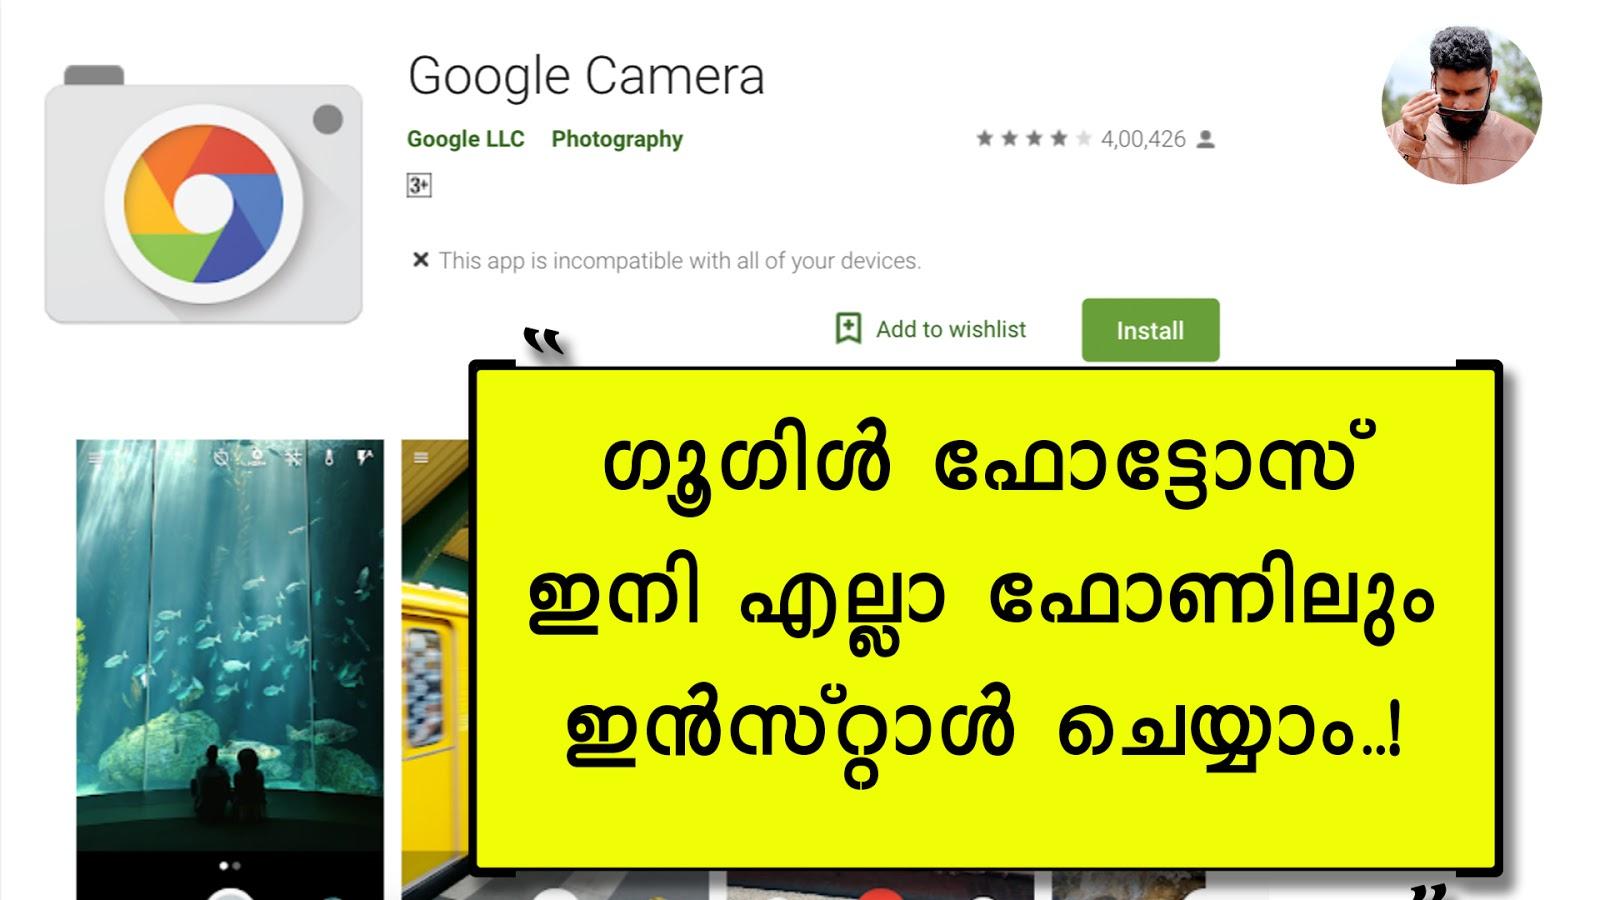 Google Camera APK || How To Install Google Camera In Any